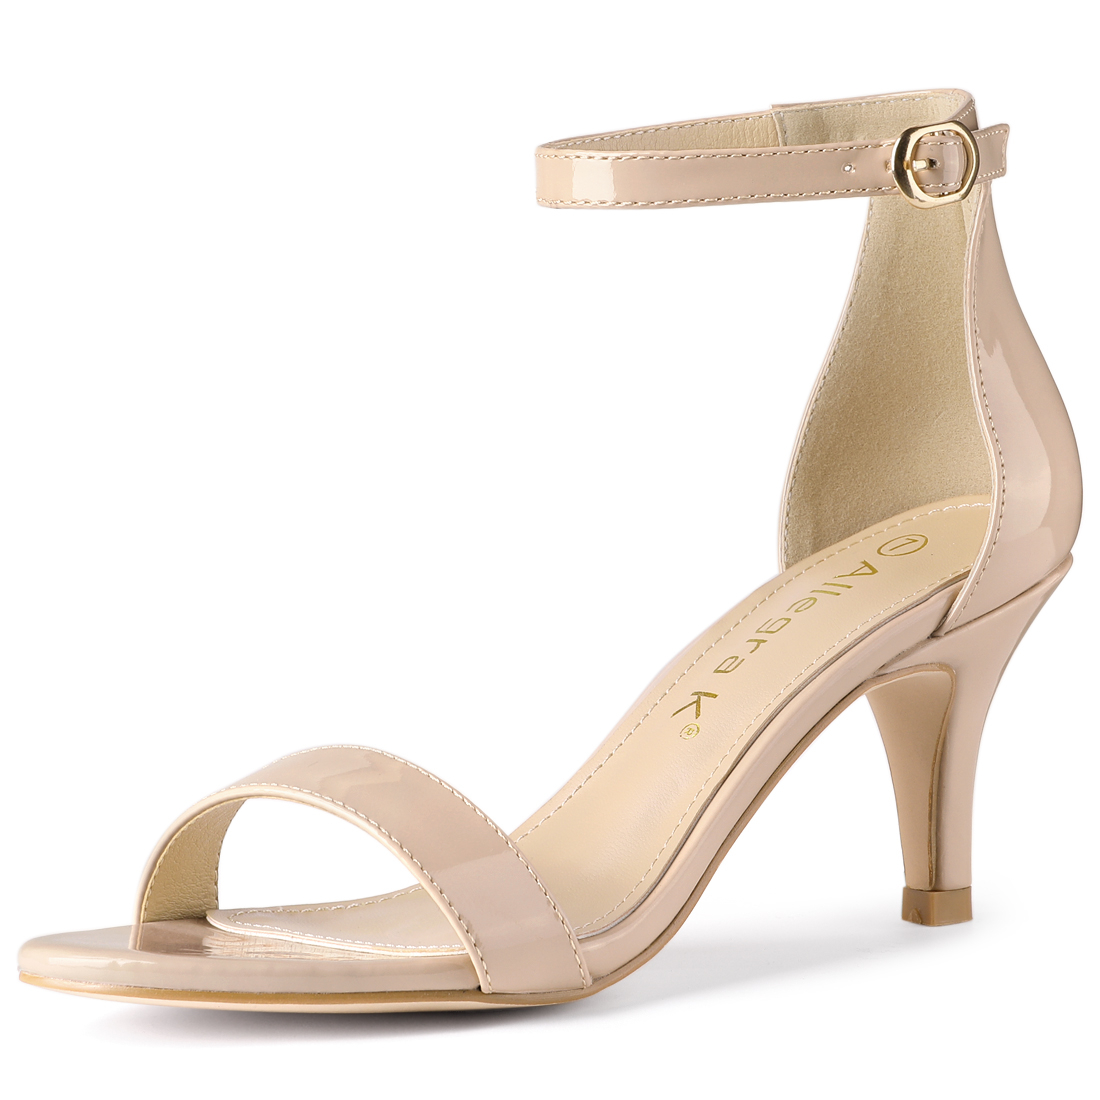 Allegra K Women's Opened Toe Stiletto Heel Ankle Strap Sandals Beige US 8.5